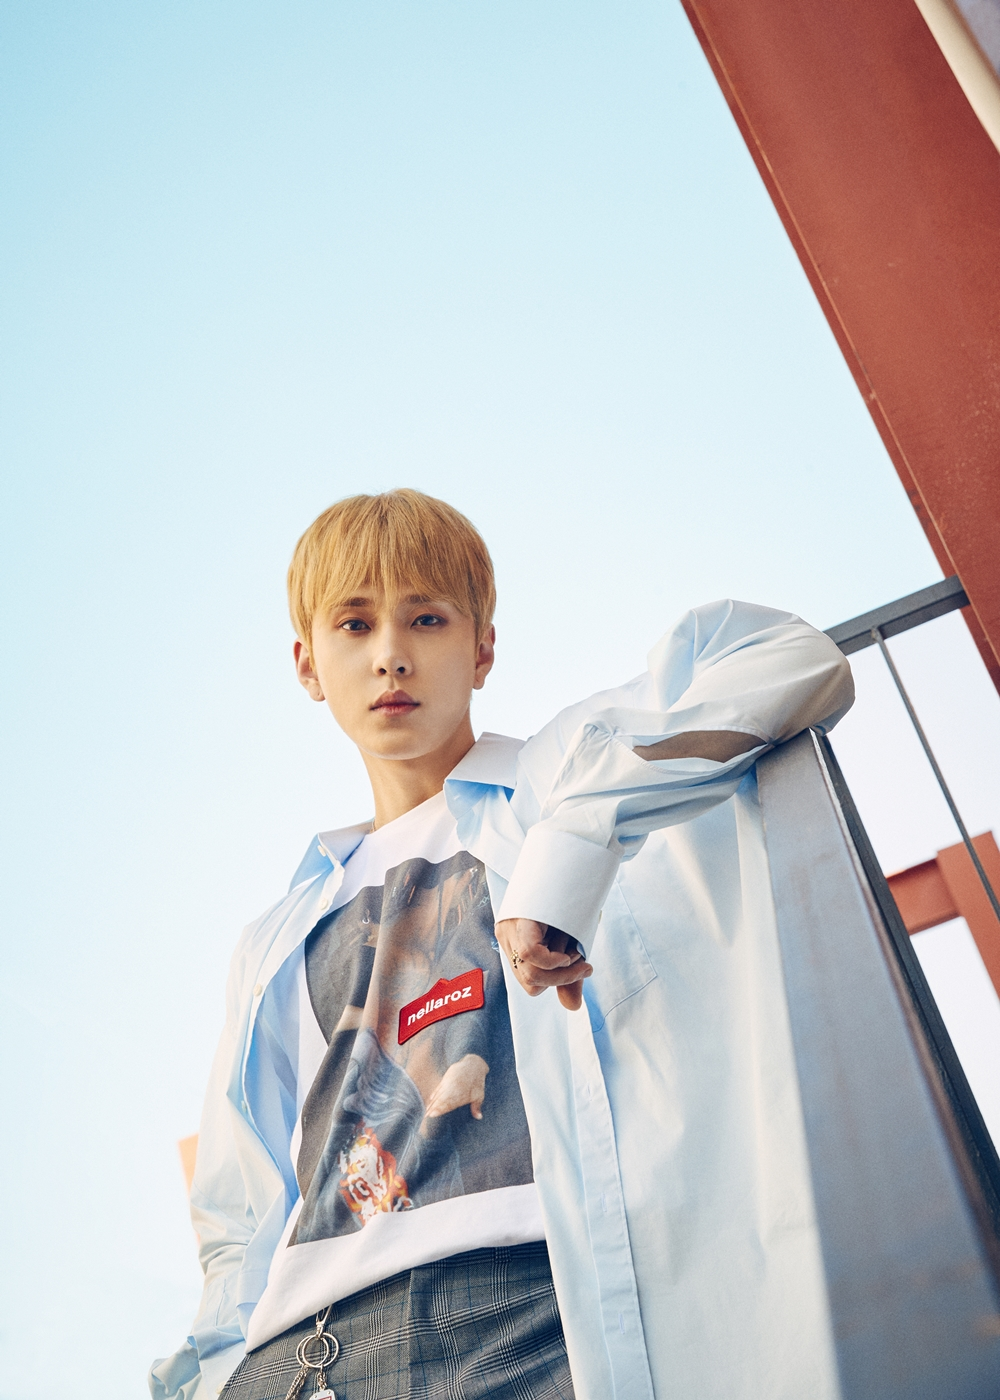 하이라이트 용준형, 22일 싱글 '소나기' 발표! 10cm 권정열 피처링 참여